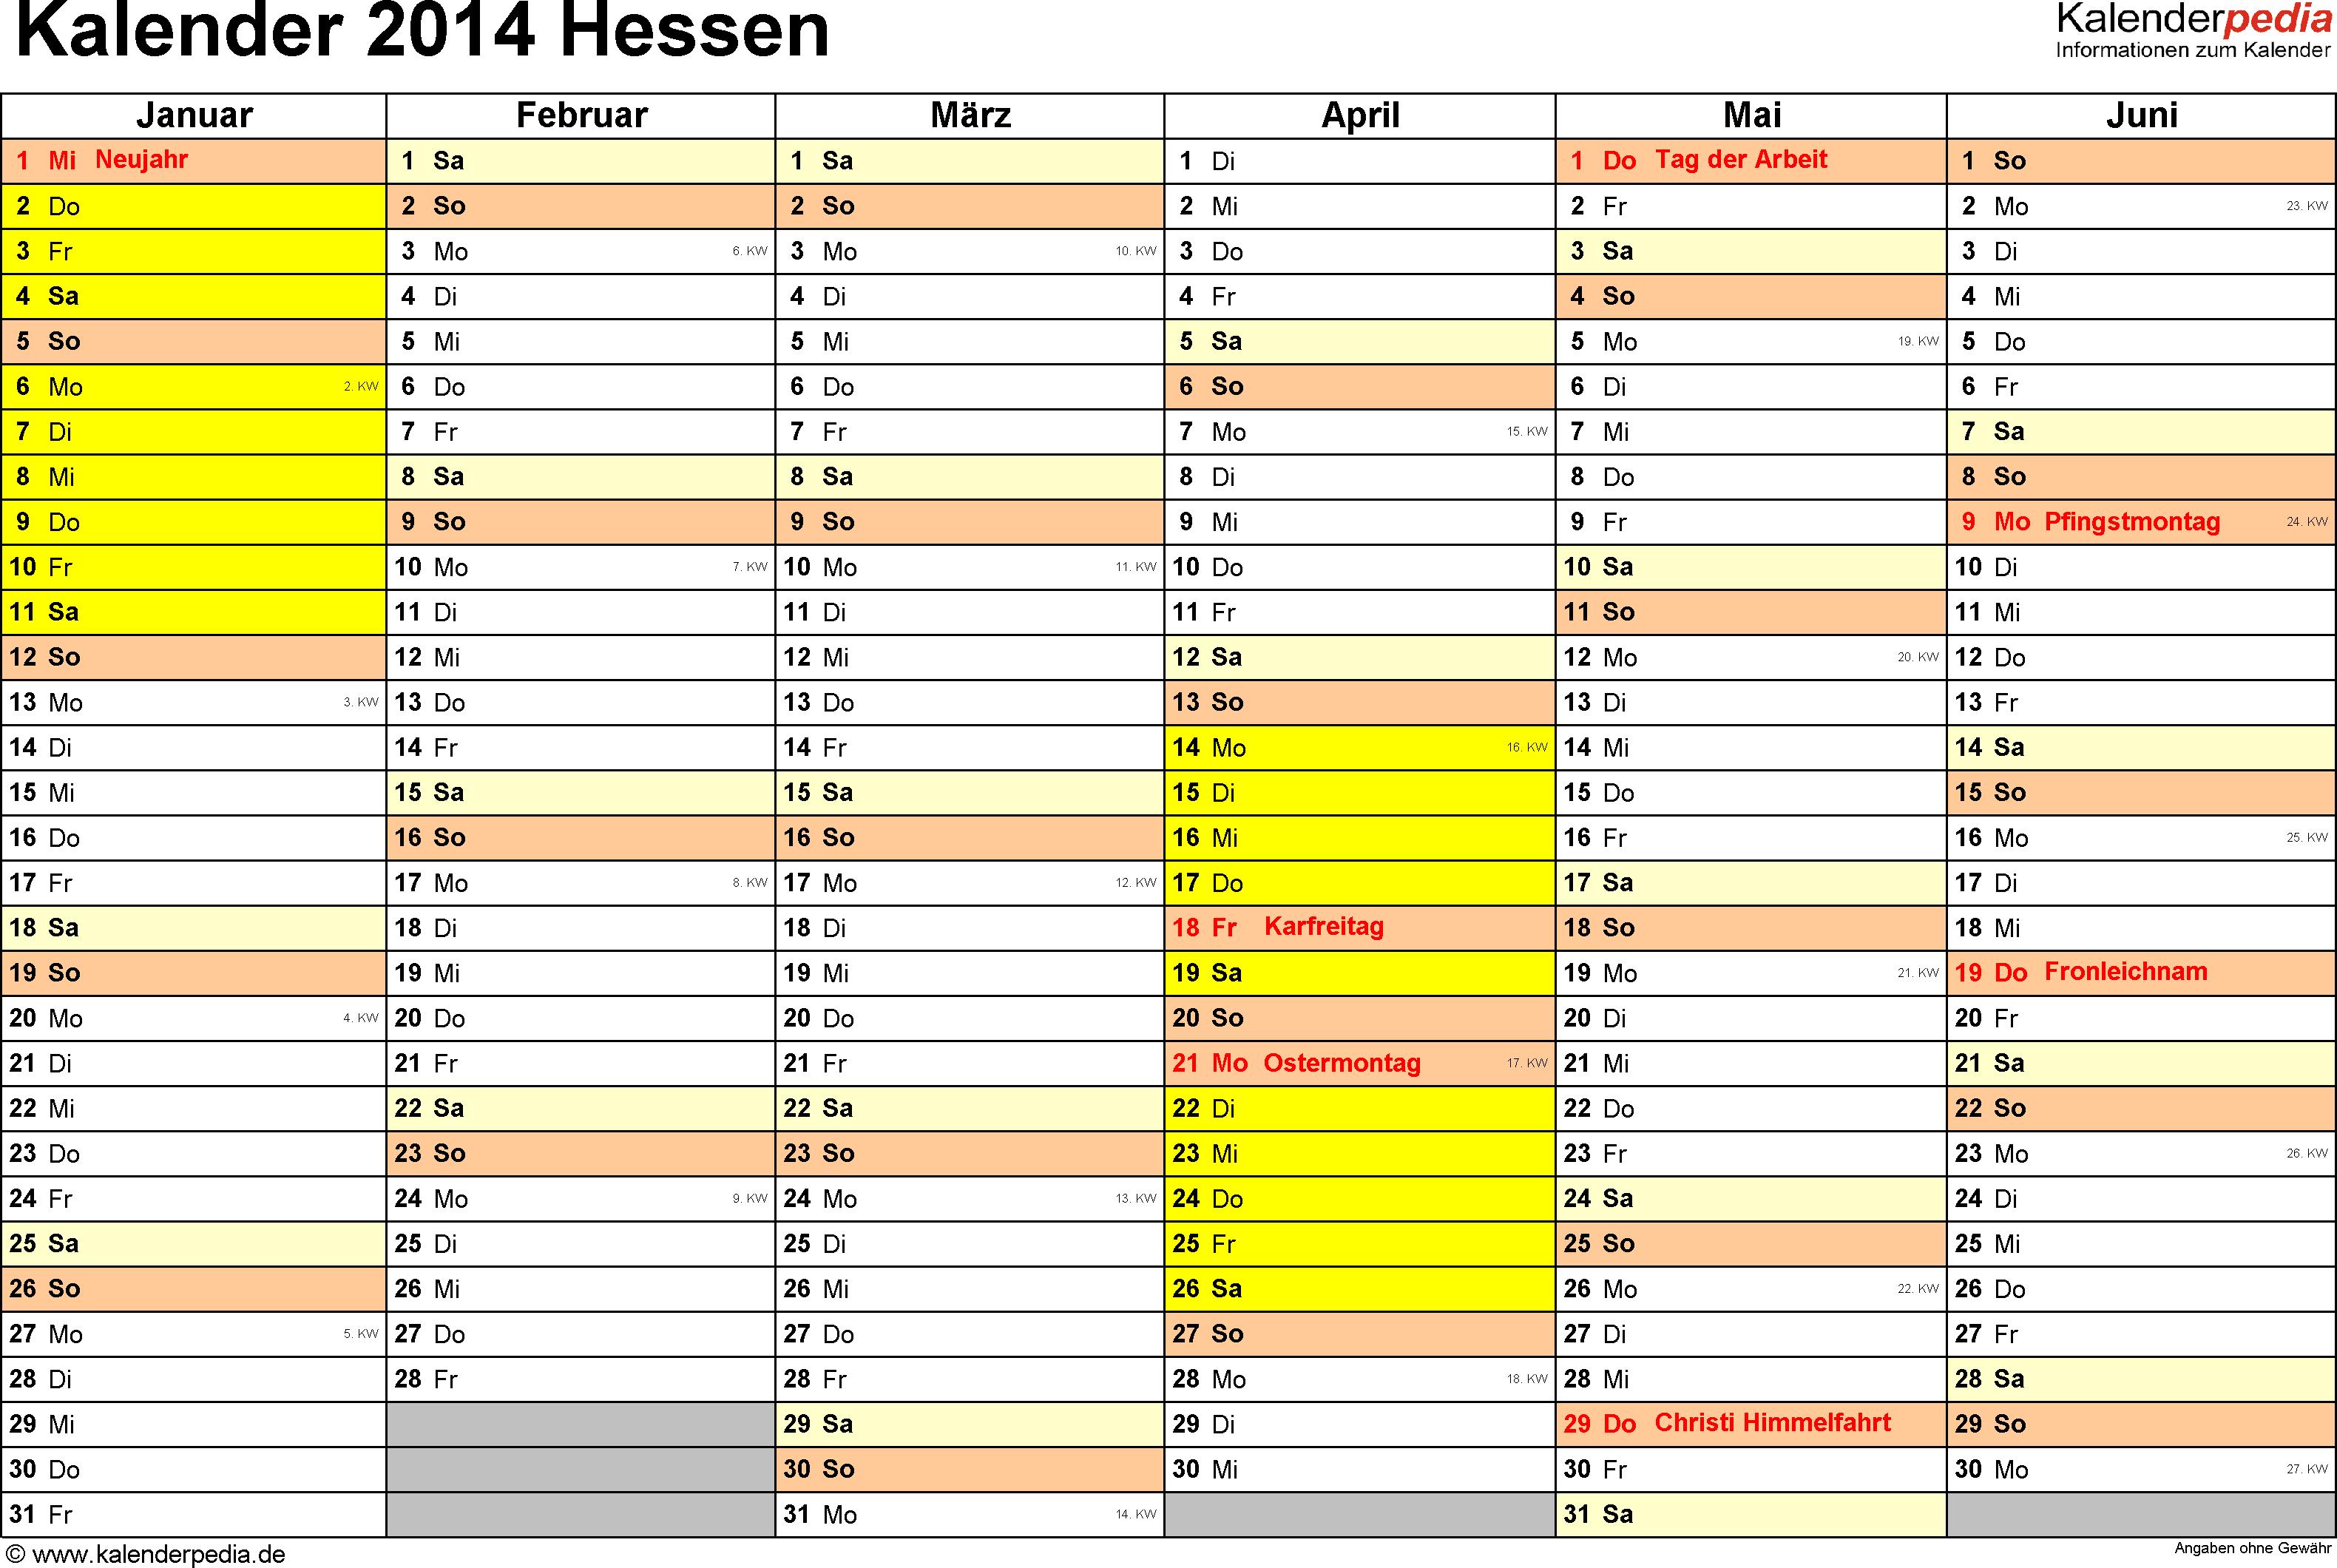 Vorlage 3: Kalender 2014 für Hessen als PDF-Vorlagen (Querformat, 2 Seiten)